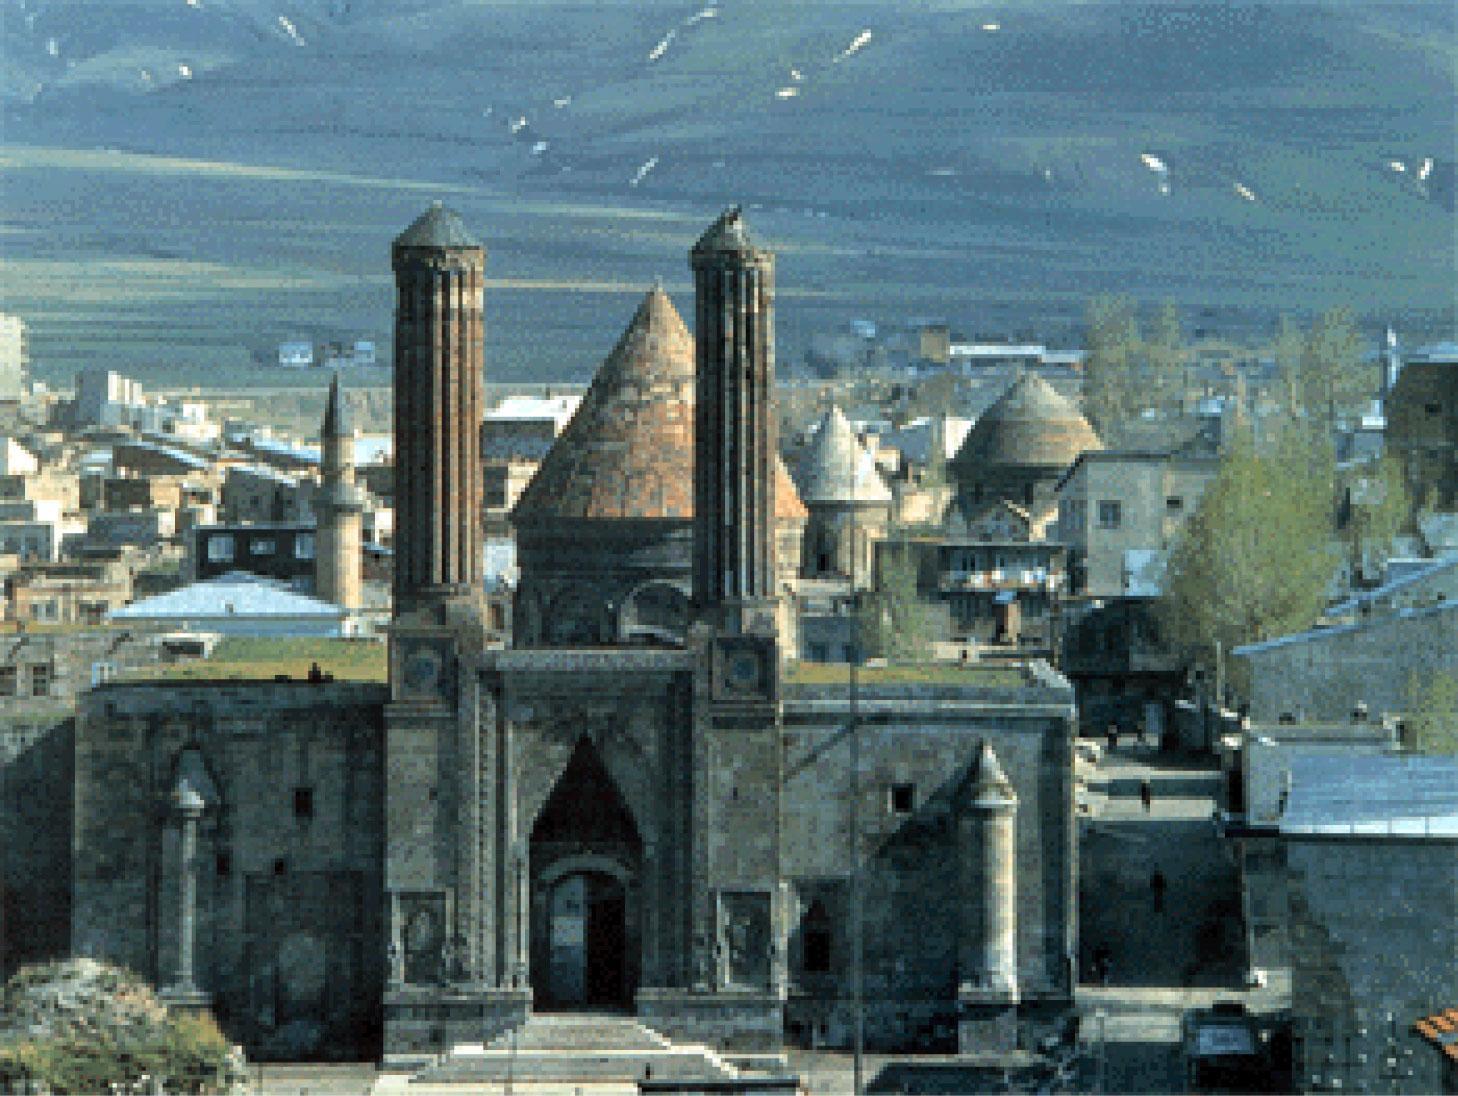 Erzurum Turkey  city photo : Cities in World: Erzurum Turkey